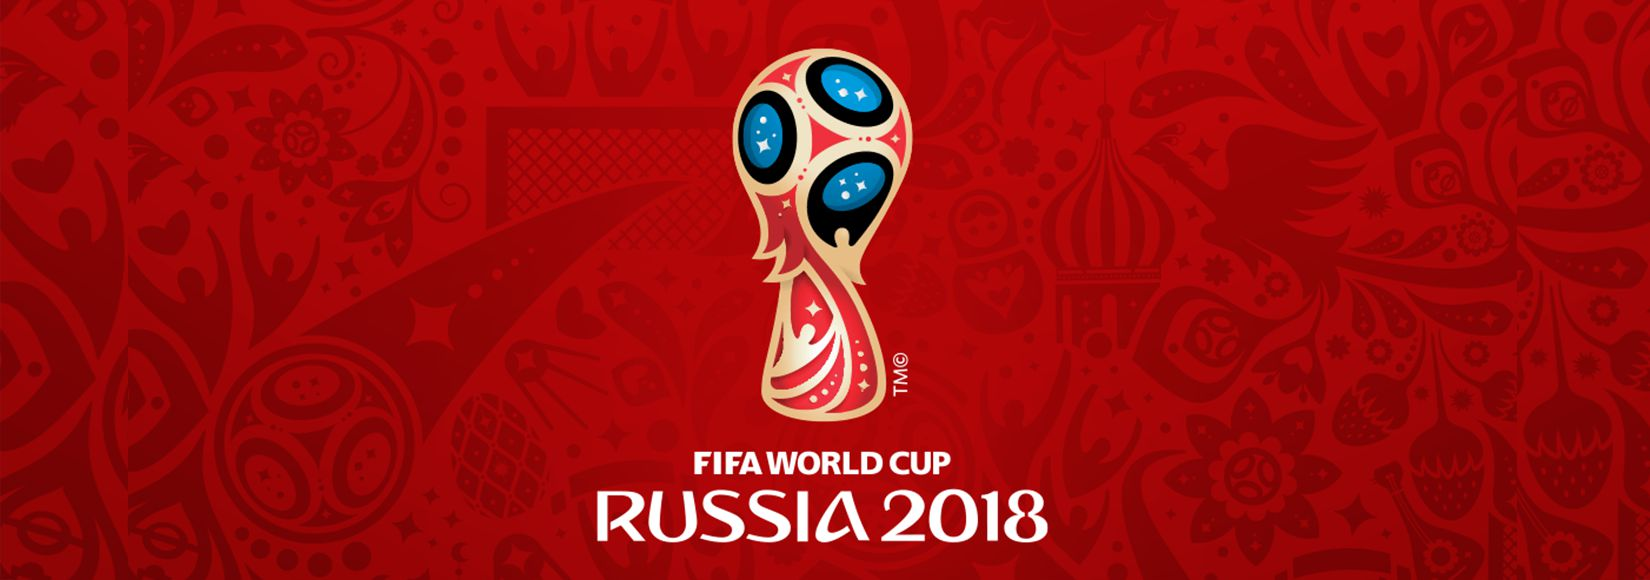 نمایندگان ایران در قرعهکشی جام جهانی مشخص شدند